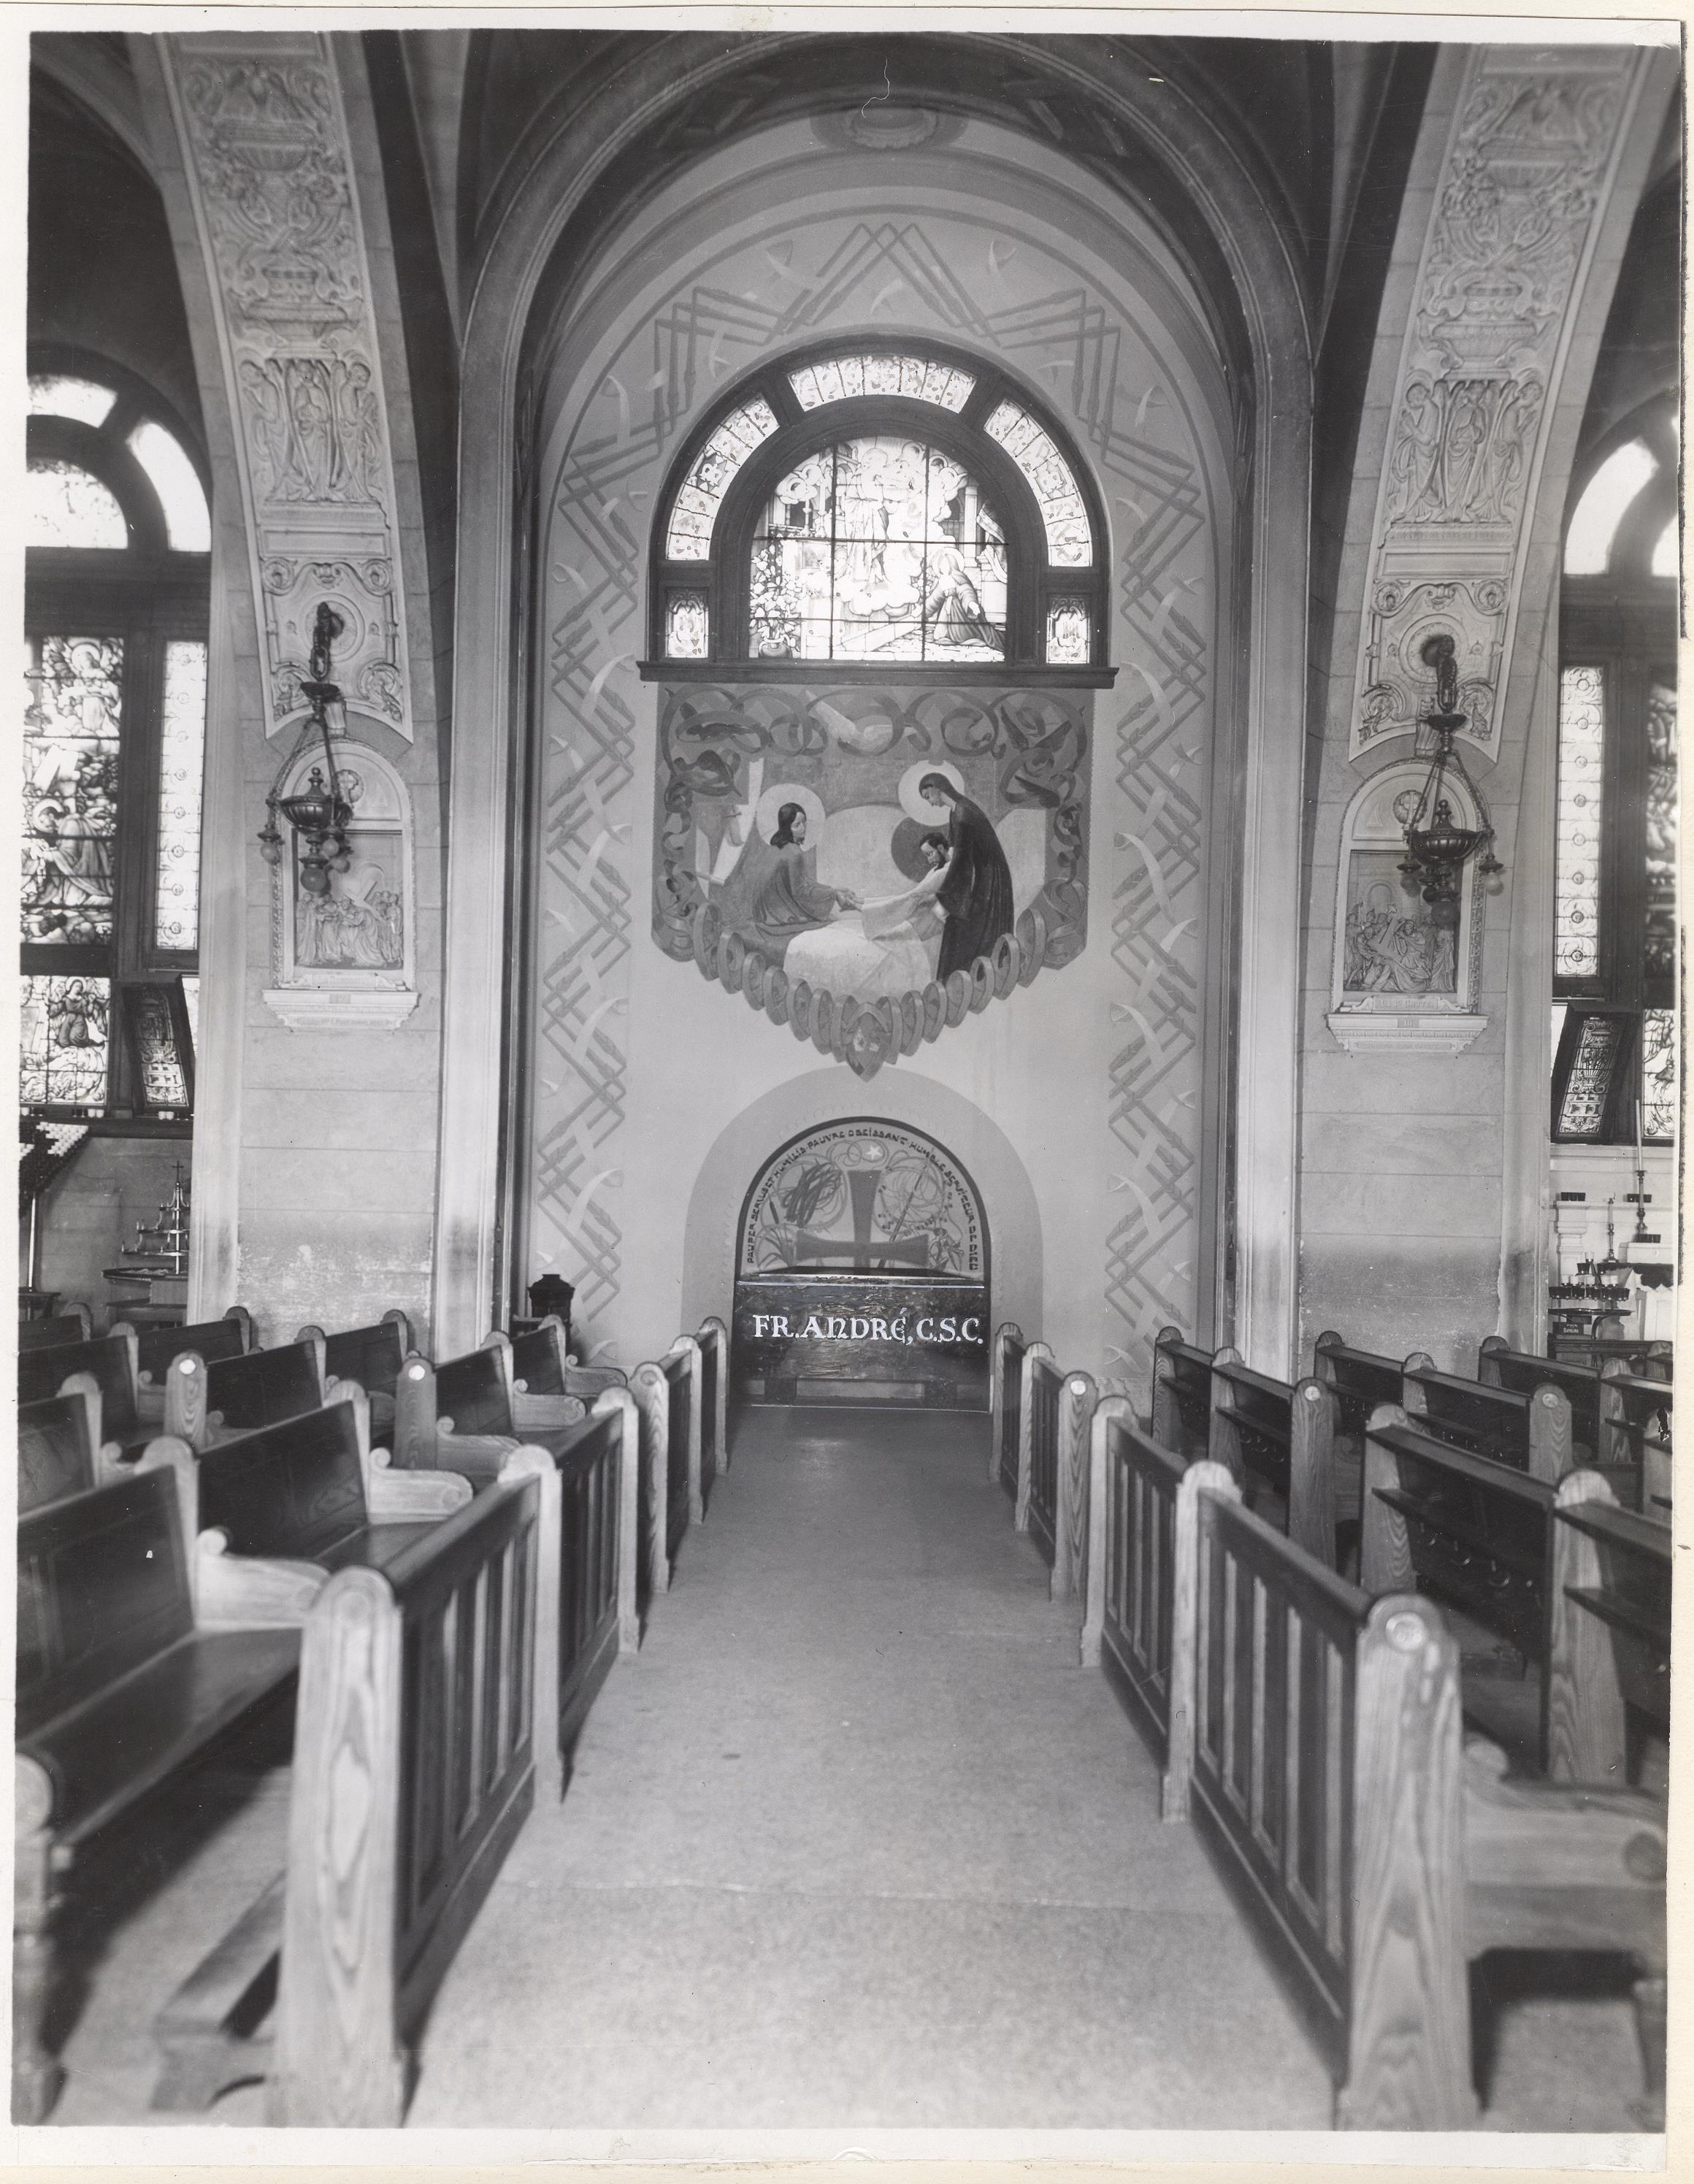 Tombeau du frère André, 1937